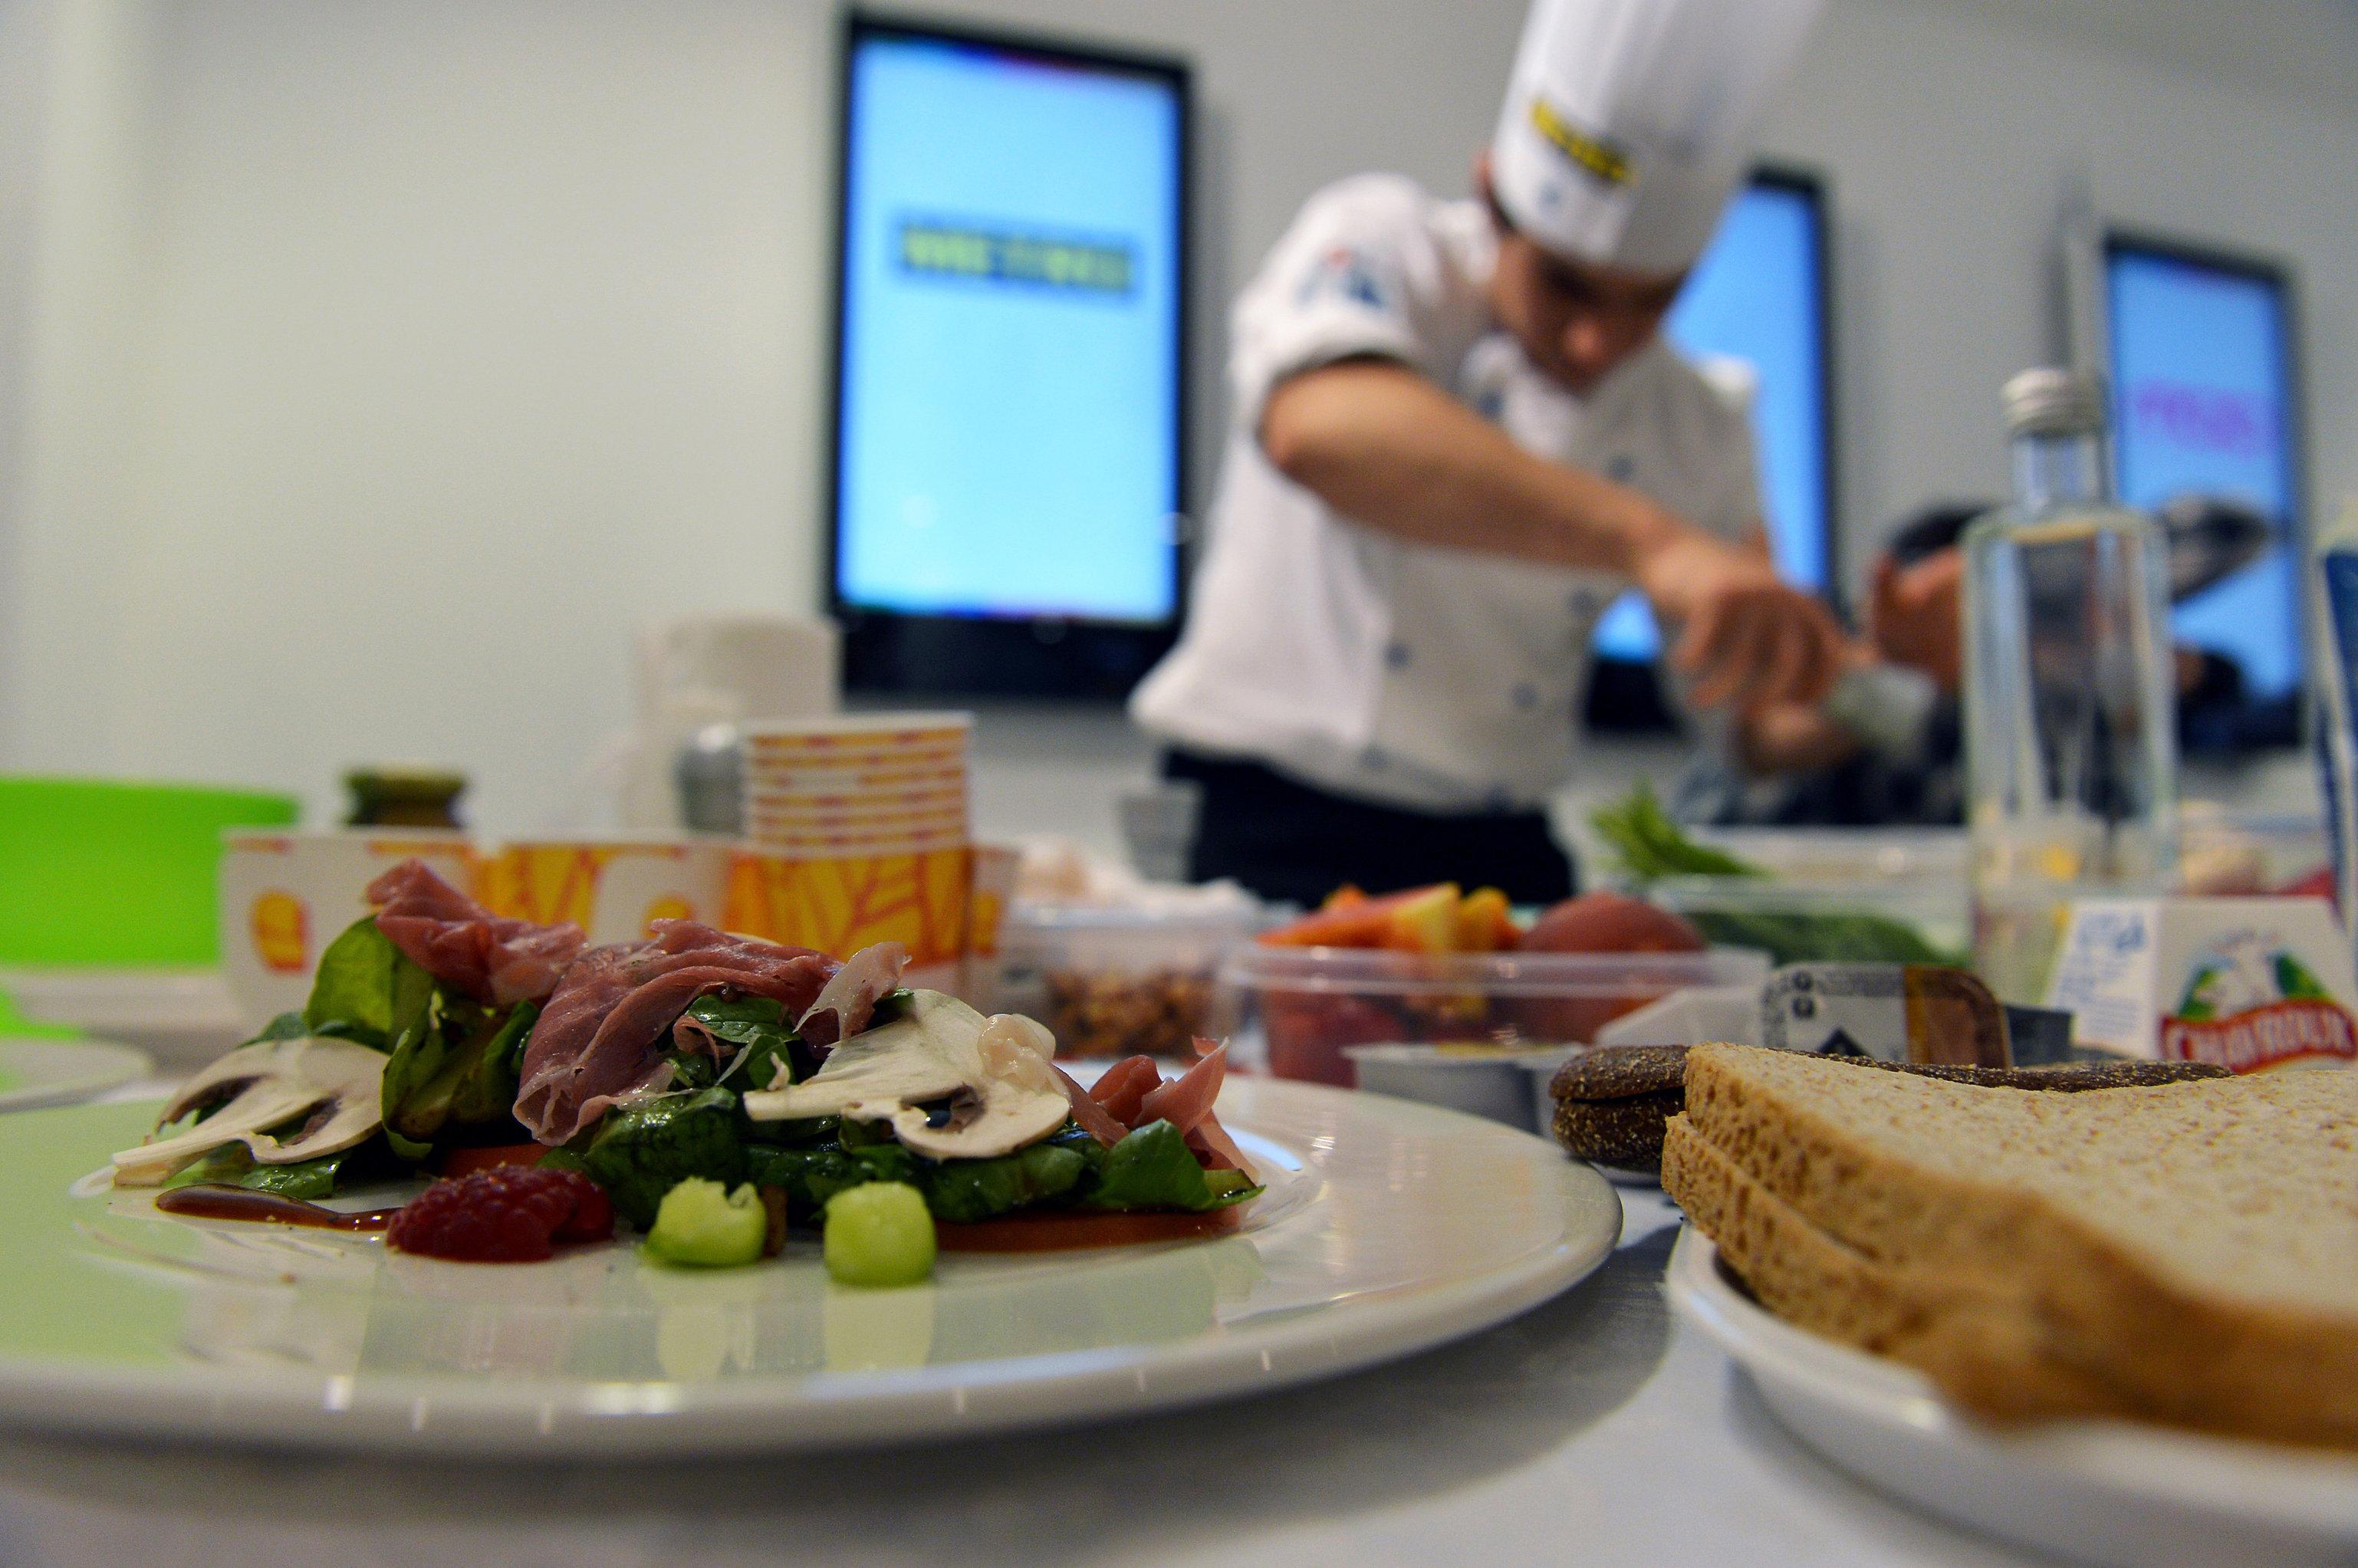 Гости ЭКСПО смогут попробовать национальные блюда разных стран